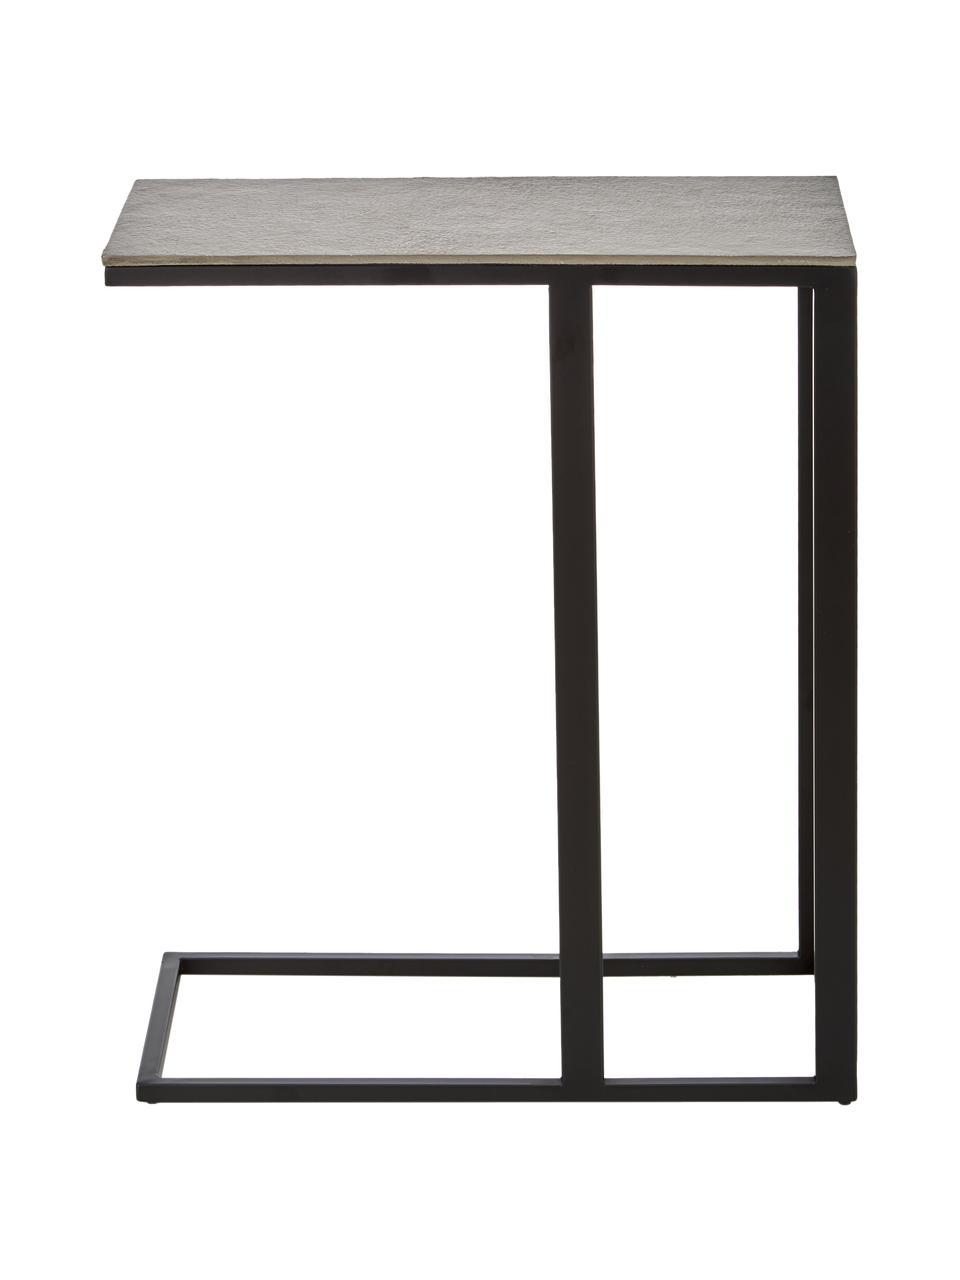 Tavolino industrial in metallo Edge, Struttura: metallo verniciato a polv, Piano: argentato con finitura antica Struttura: nero opaco, Larg. 45 x Alt. 62 cm